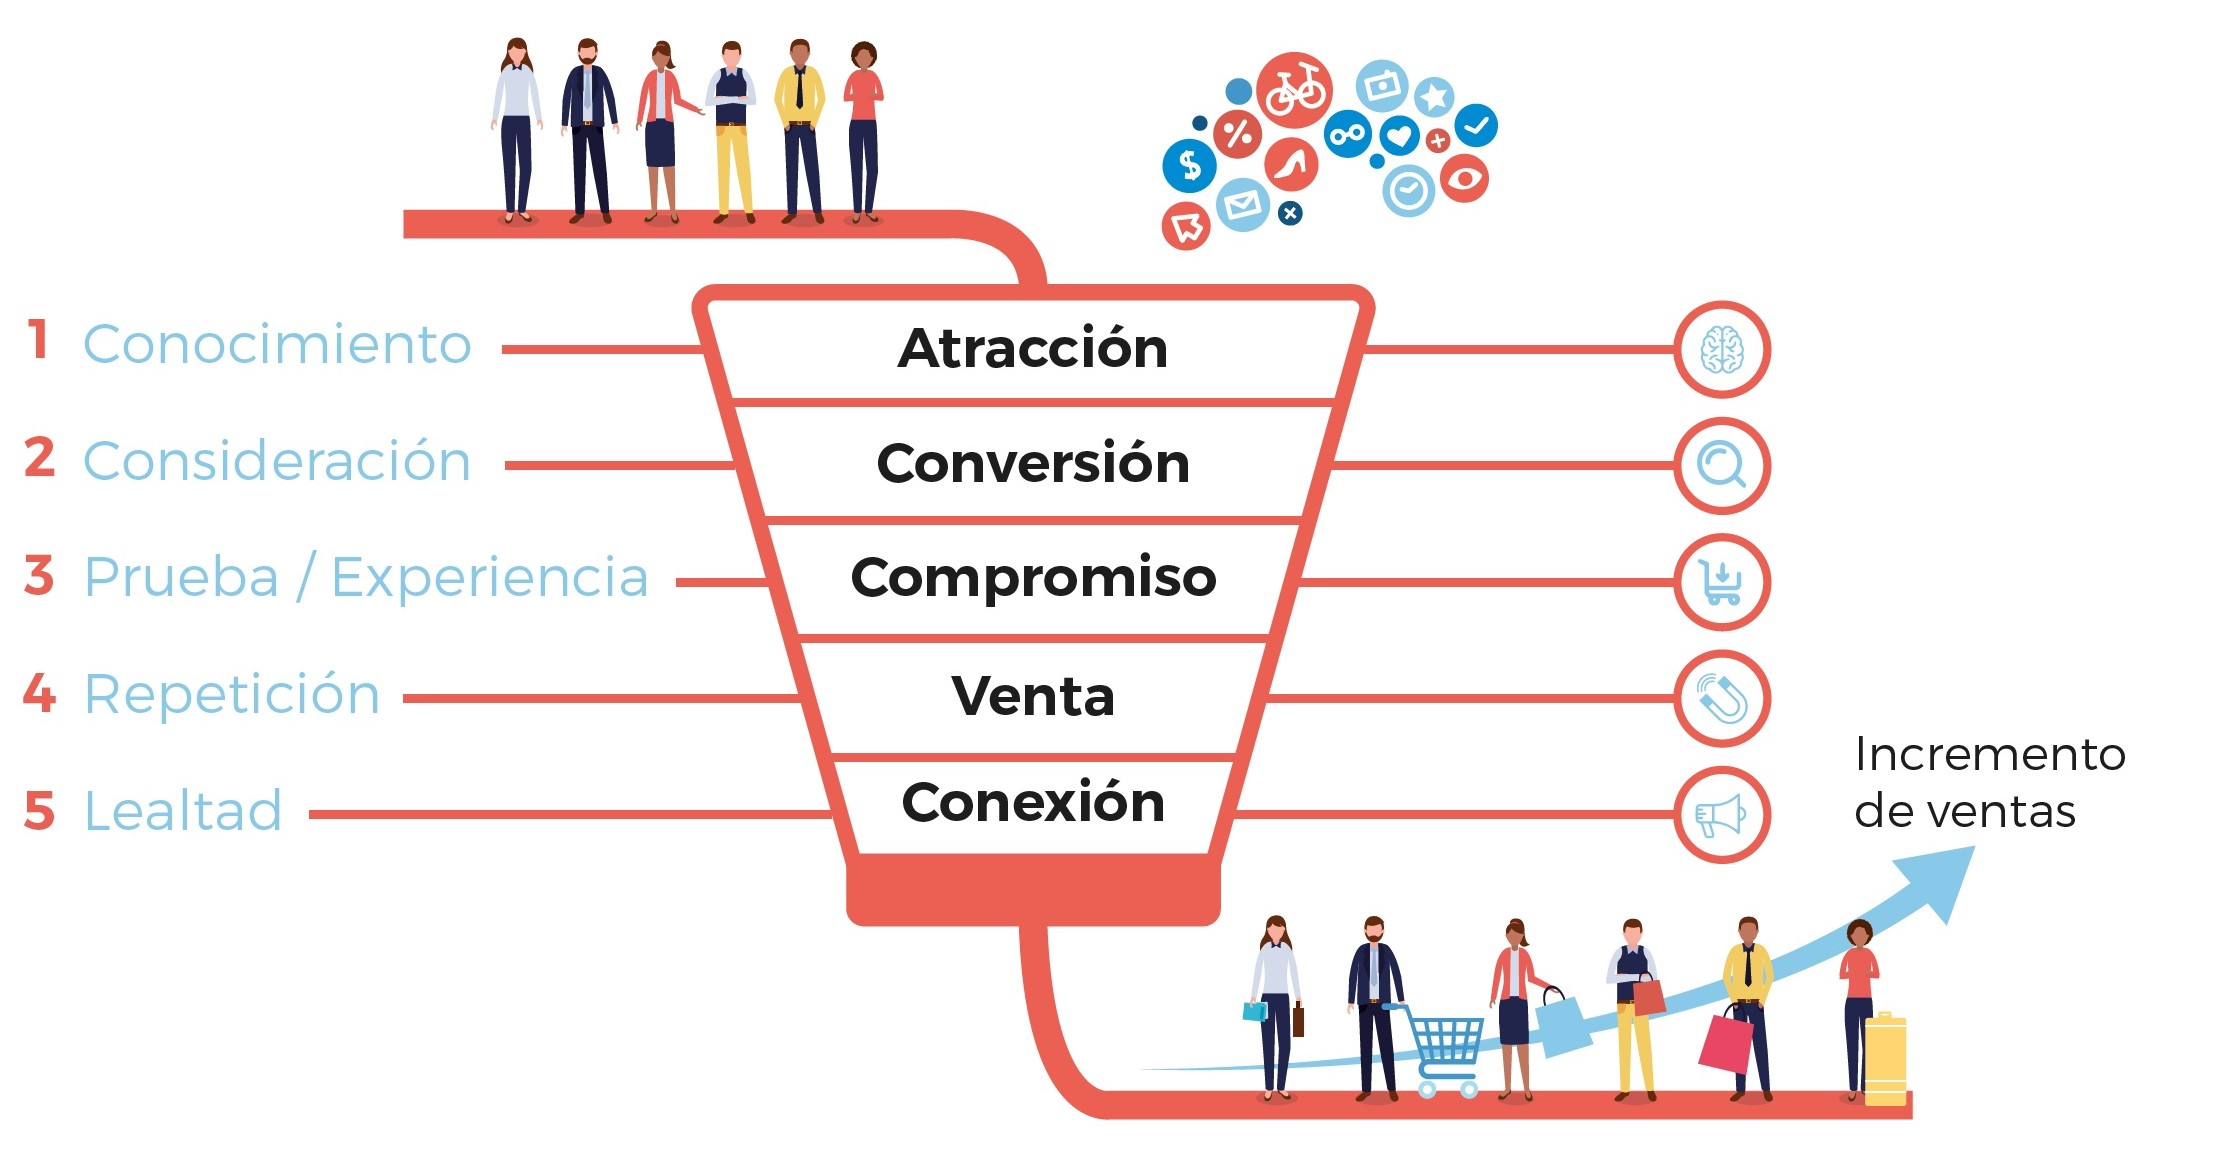 customer journey embudo de conversión